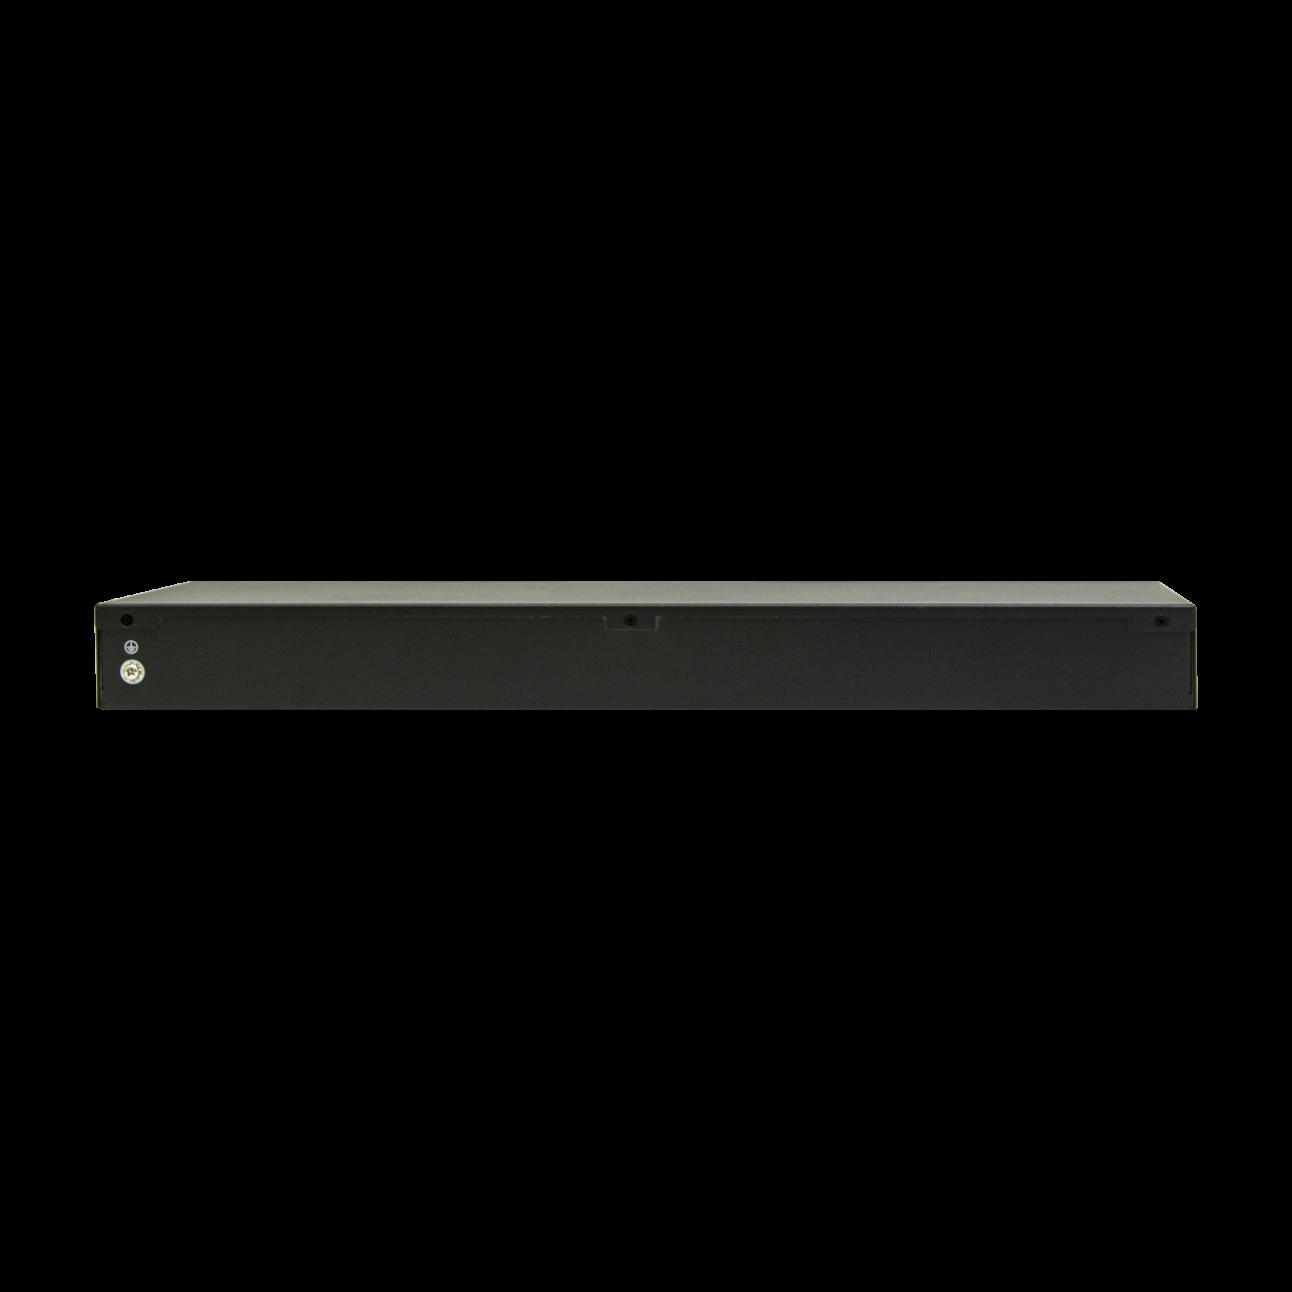 Управляемый коммутатор уровня 2 SNR-S2962-24T